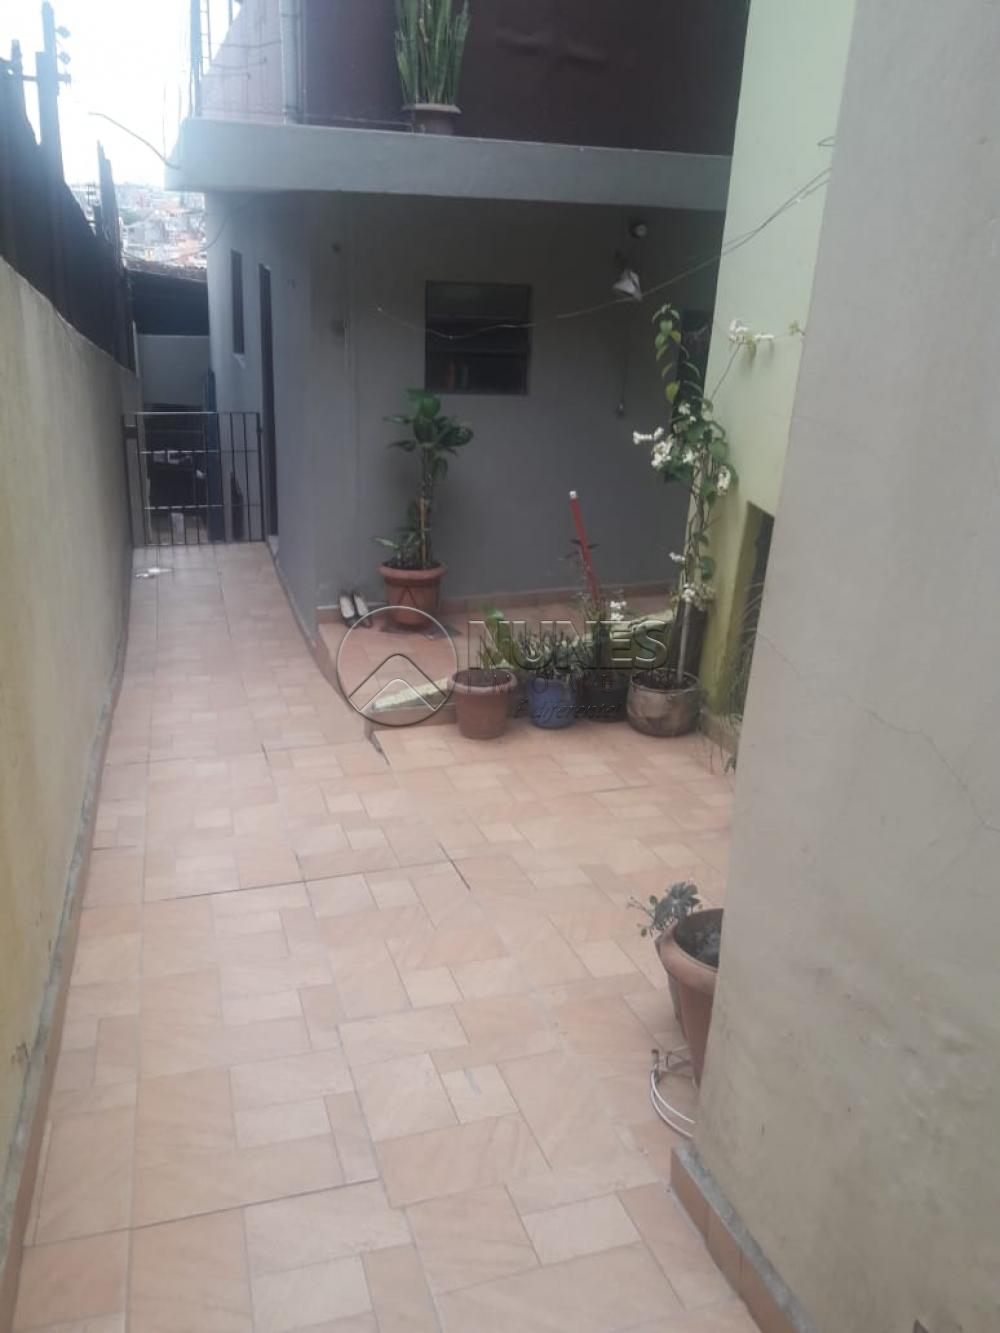 Comprar Casa / Imovel para Renda em São Paulo apenas R$ 850.000,00 - Foto 14